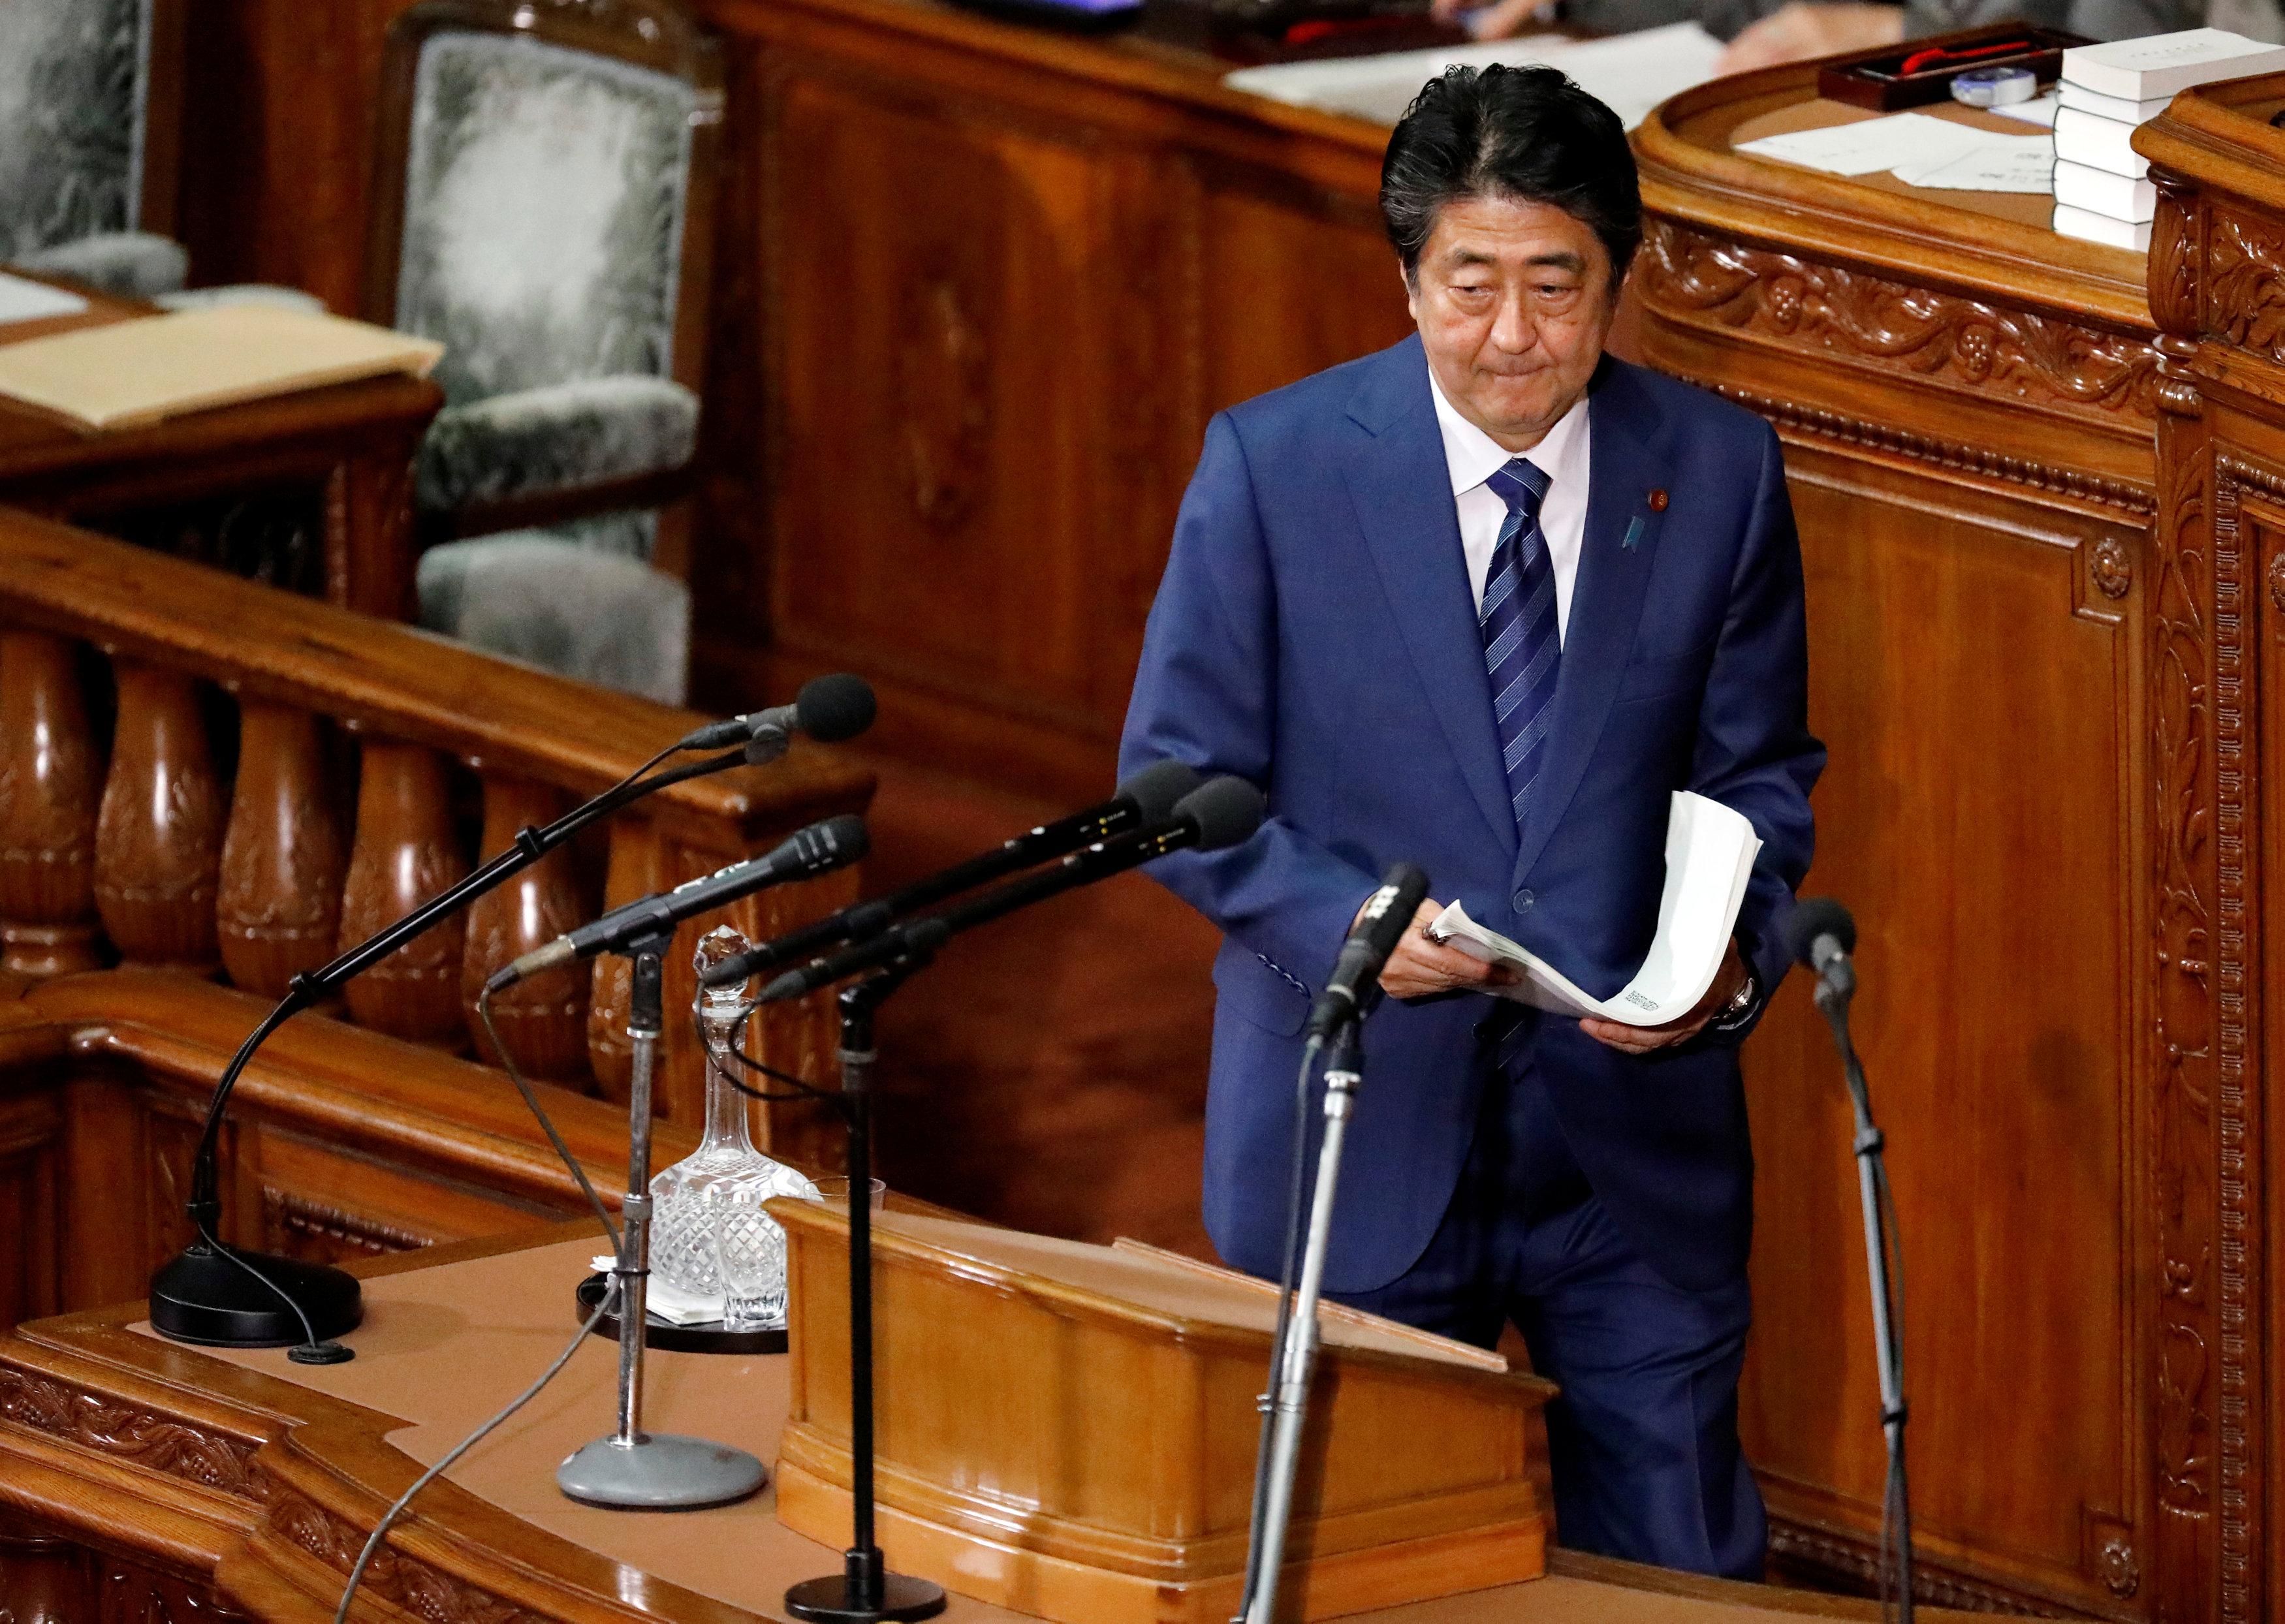 شينزو آبى بعد ختام كلمته أمام البرلمان اليابانى